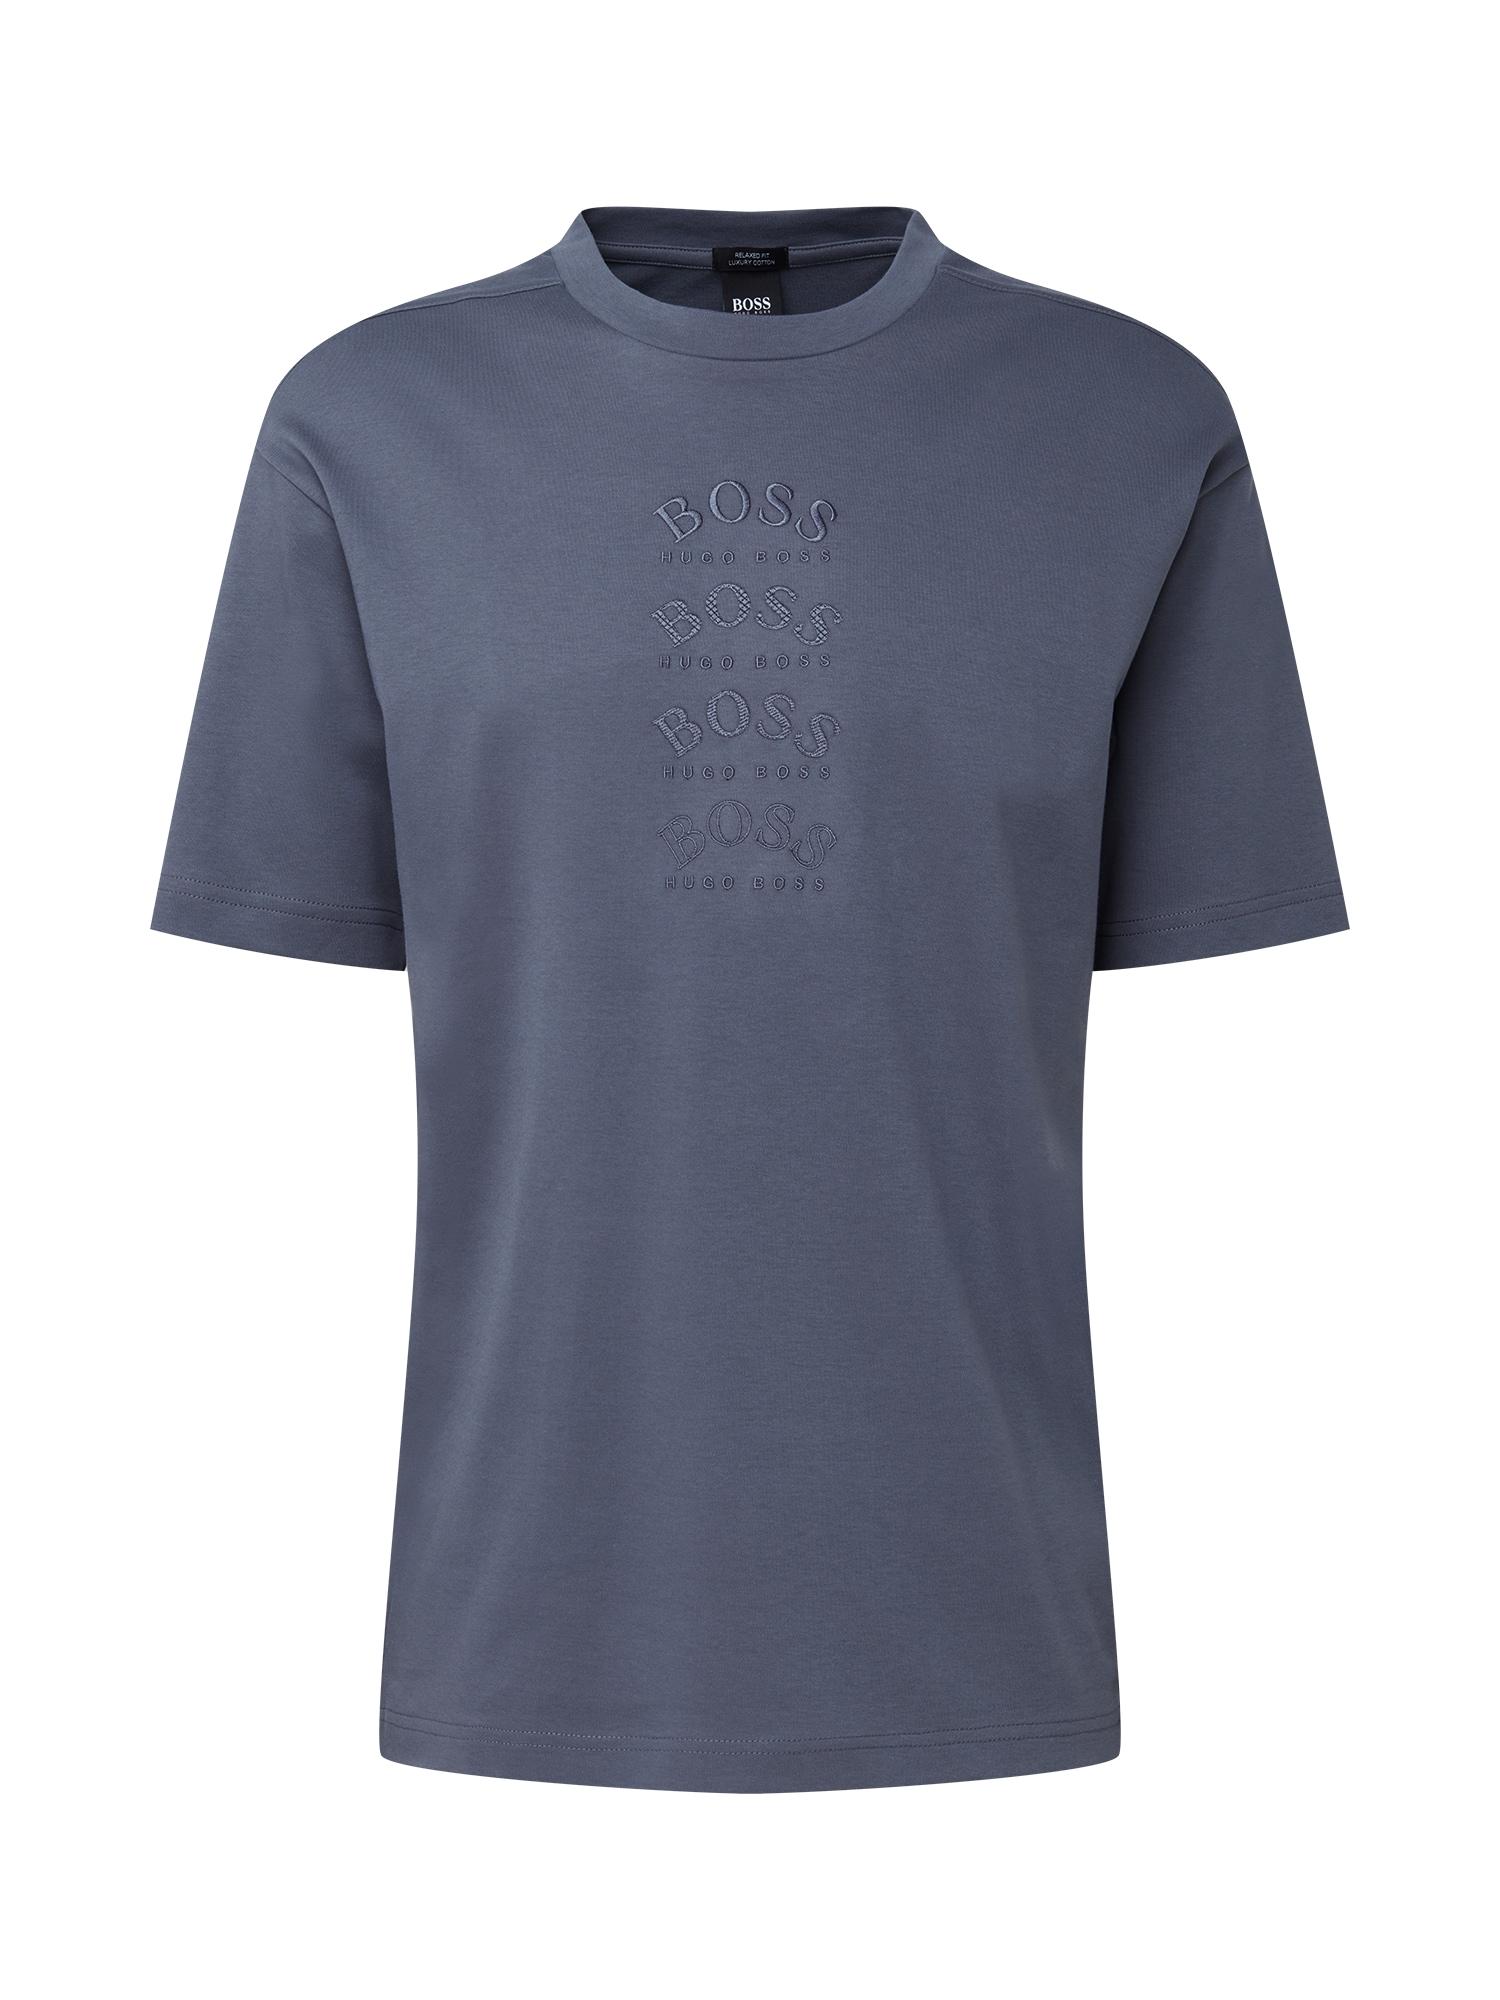 BOSS ATHLEISURE Marškinėliai 'Talboa' tamsiai pilka